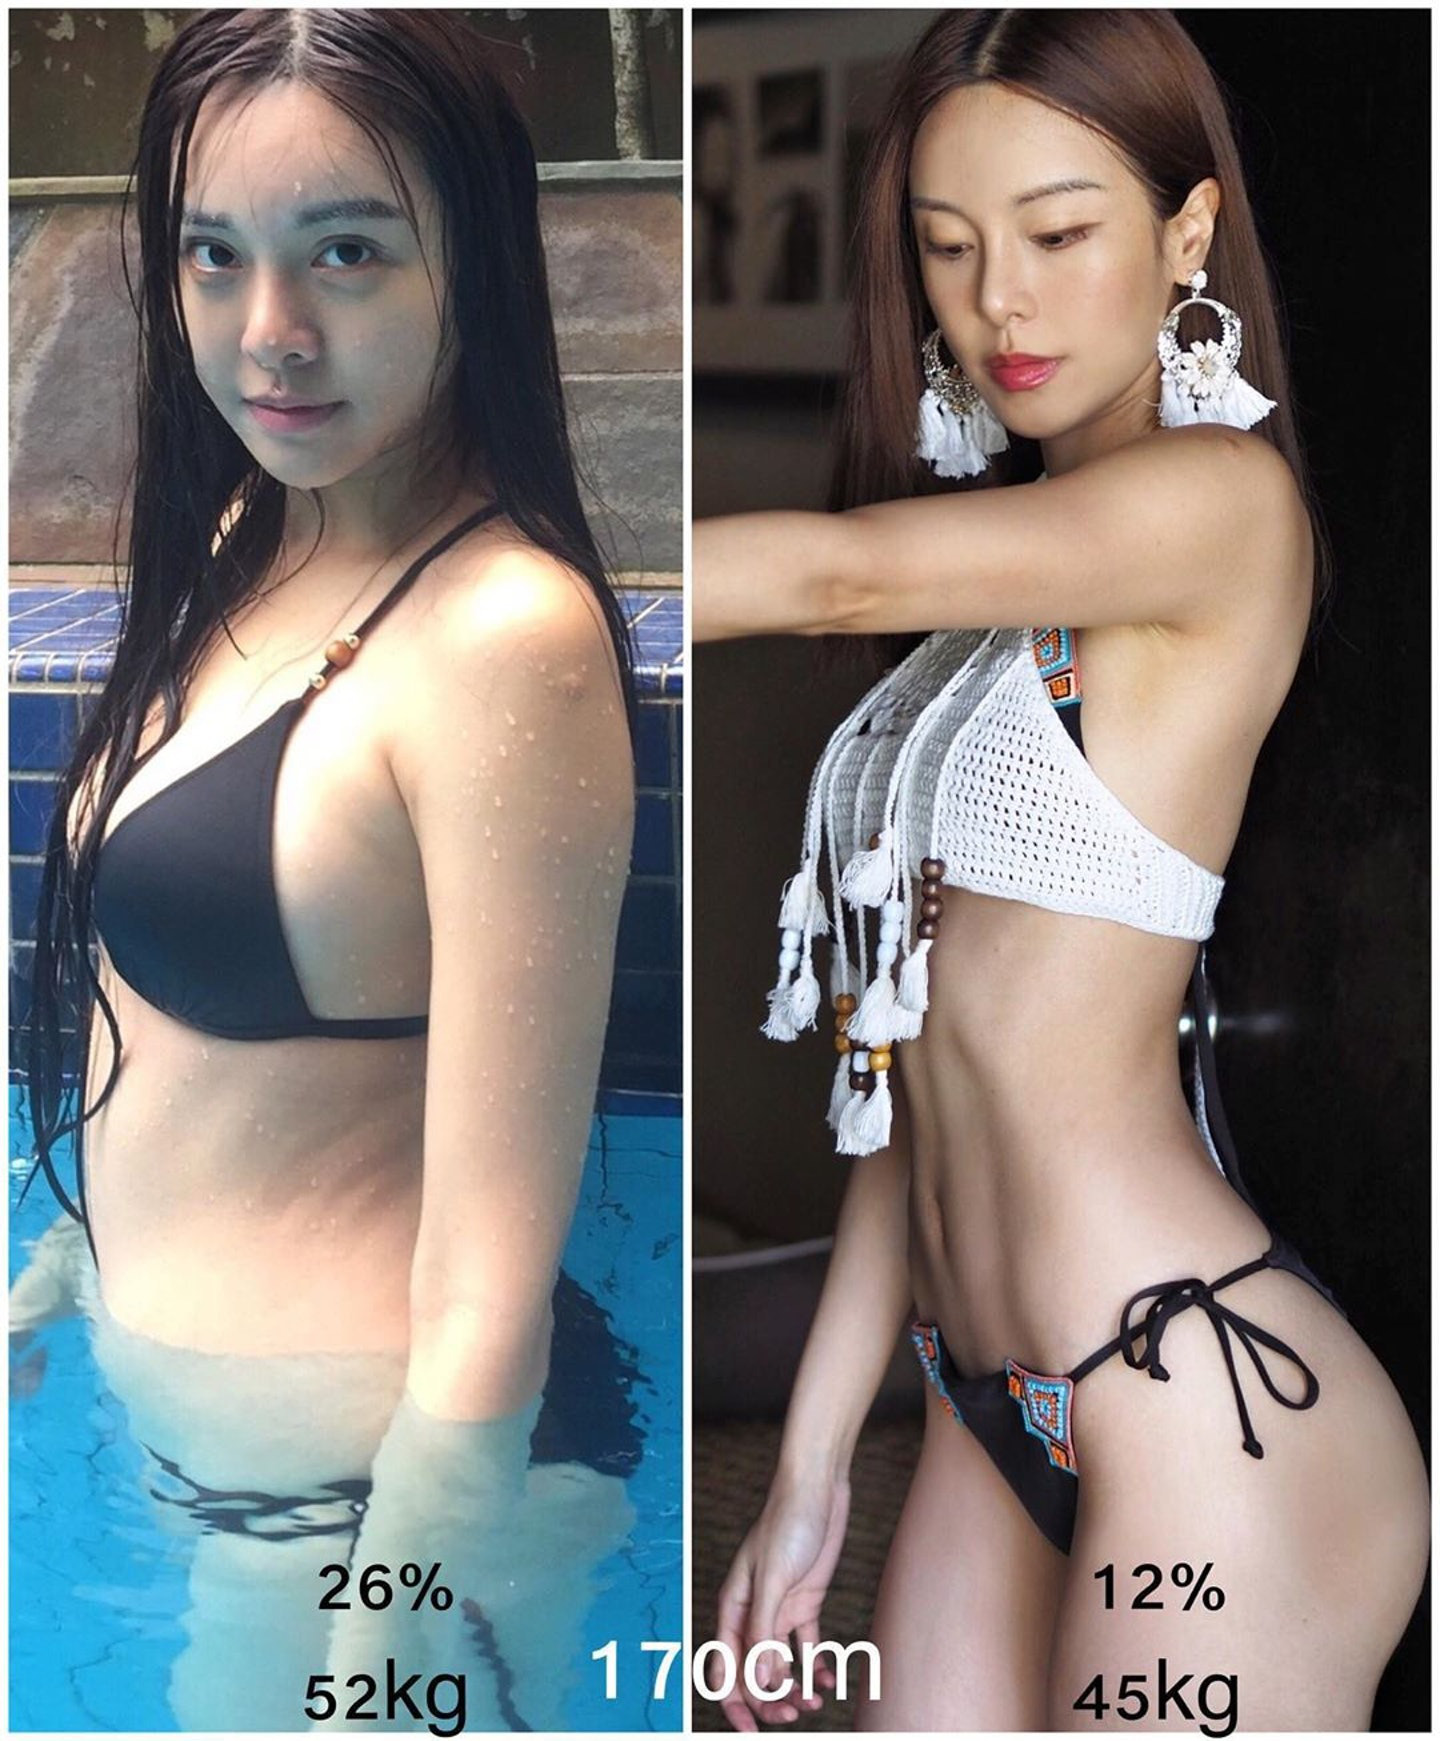 Hot girl số 1 Malaysia chia sẻ bí quyết lấy lại thân hình thắt đáy lưng ong khi giảm từ 52kg xuống 45kg - Ảnh 3.